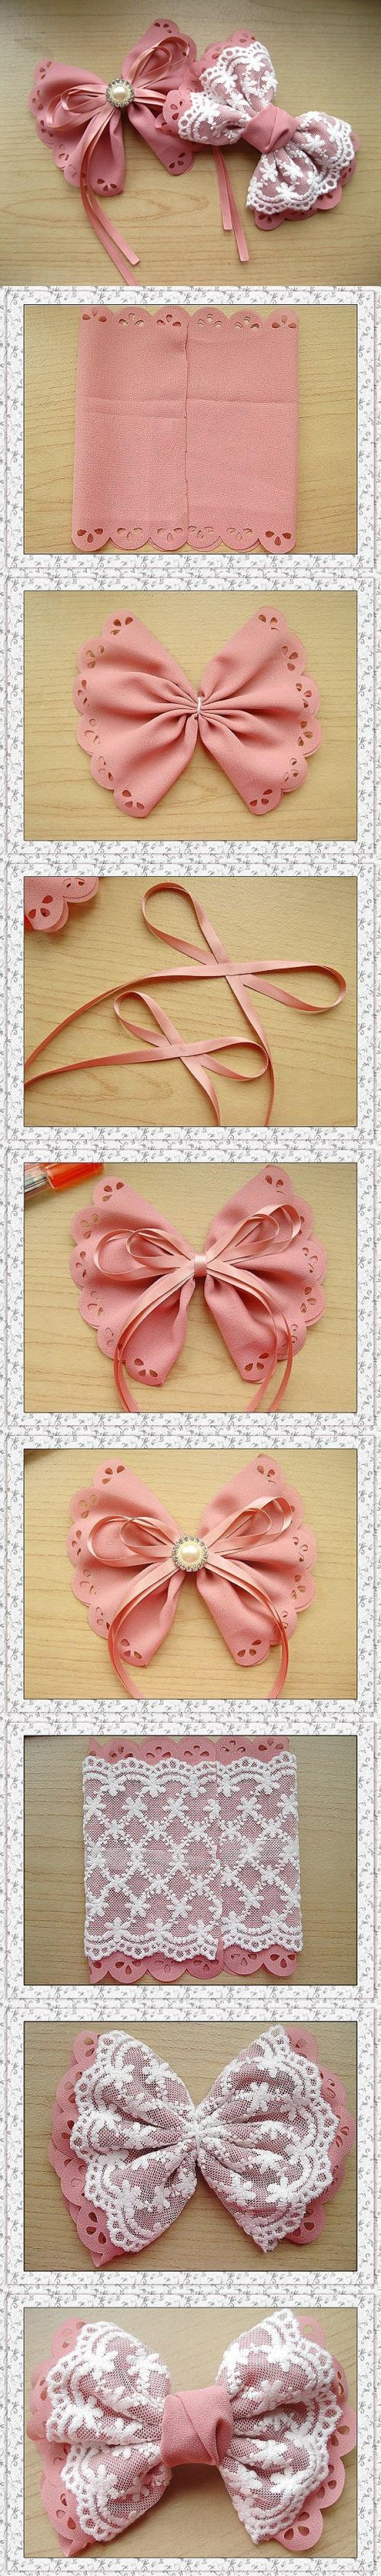 26 manieren voor strikjes en strikken te maken. Kijk maar bij de bron van de foto (rechtsboven naast foto) voor meer ideeën.